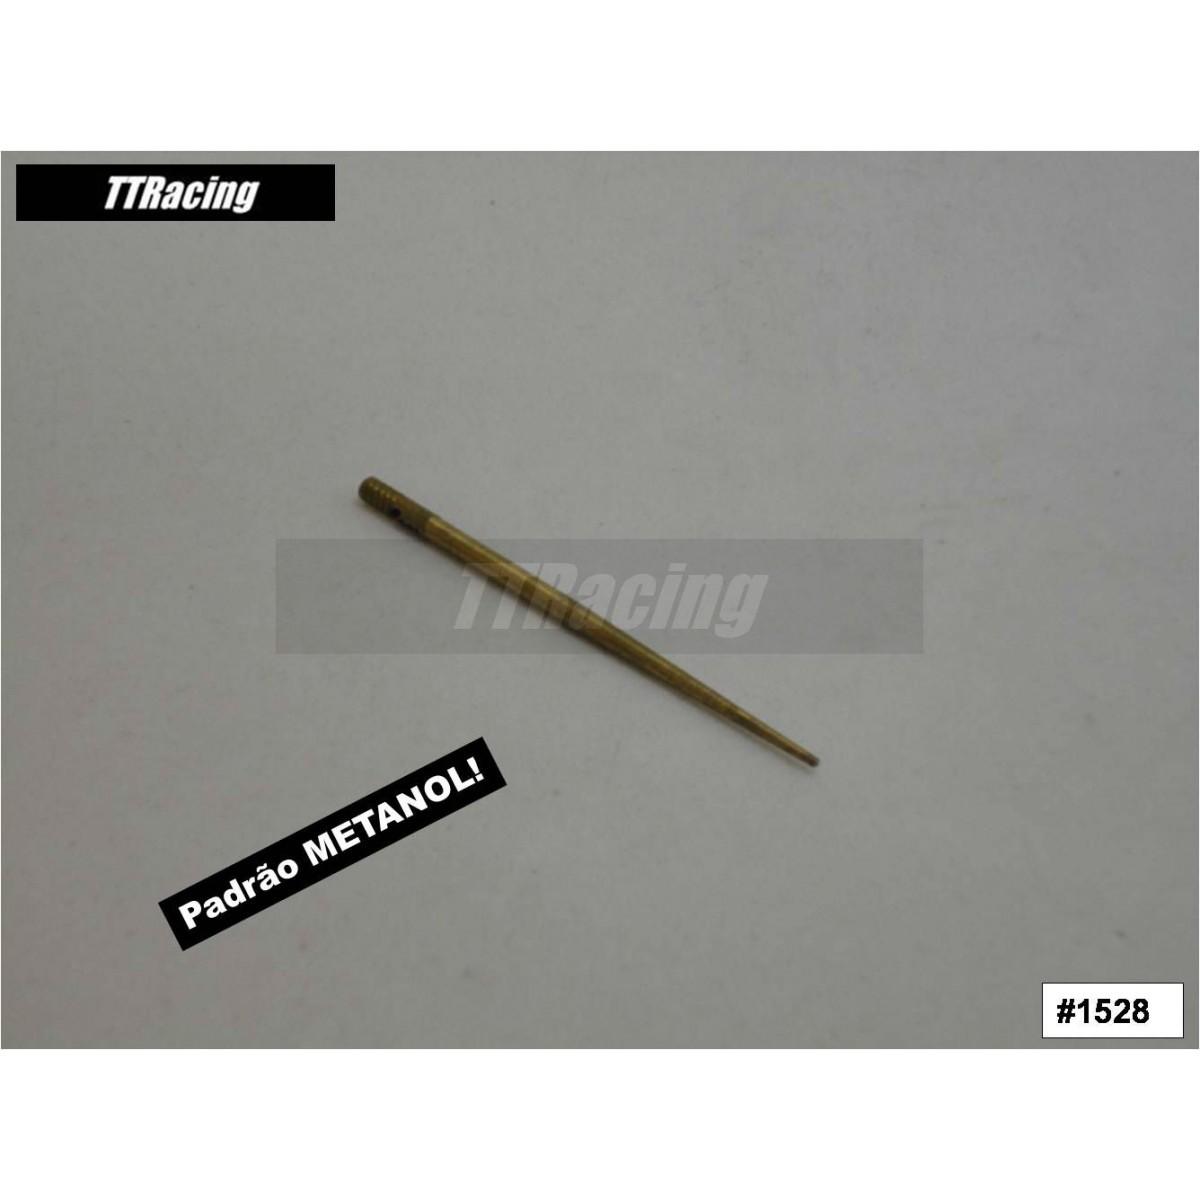 Agulha pistonete TMX ou Coração padrão METANOL  - T & T Soluções